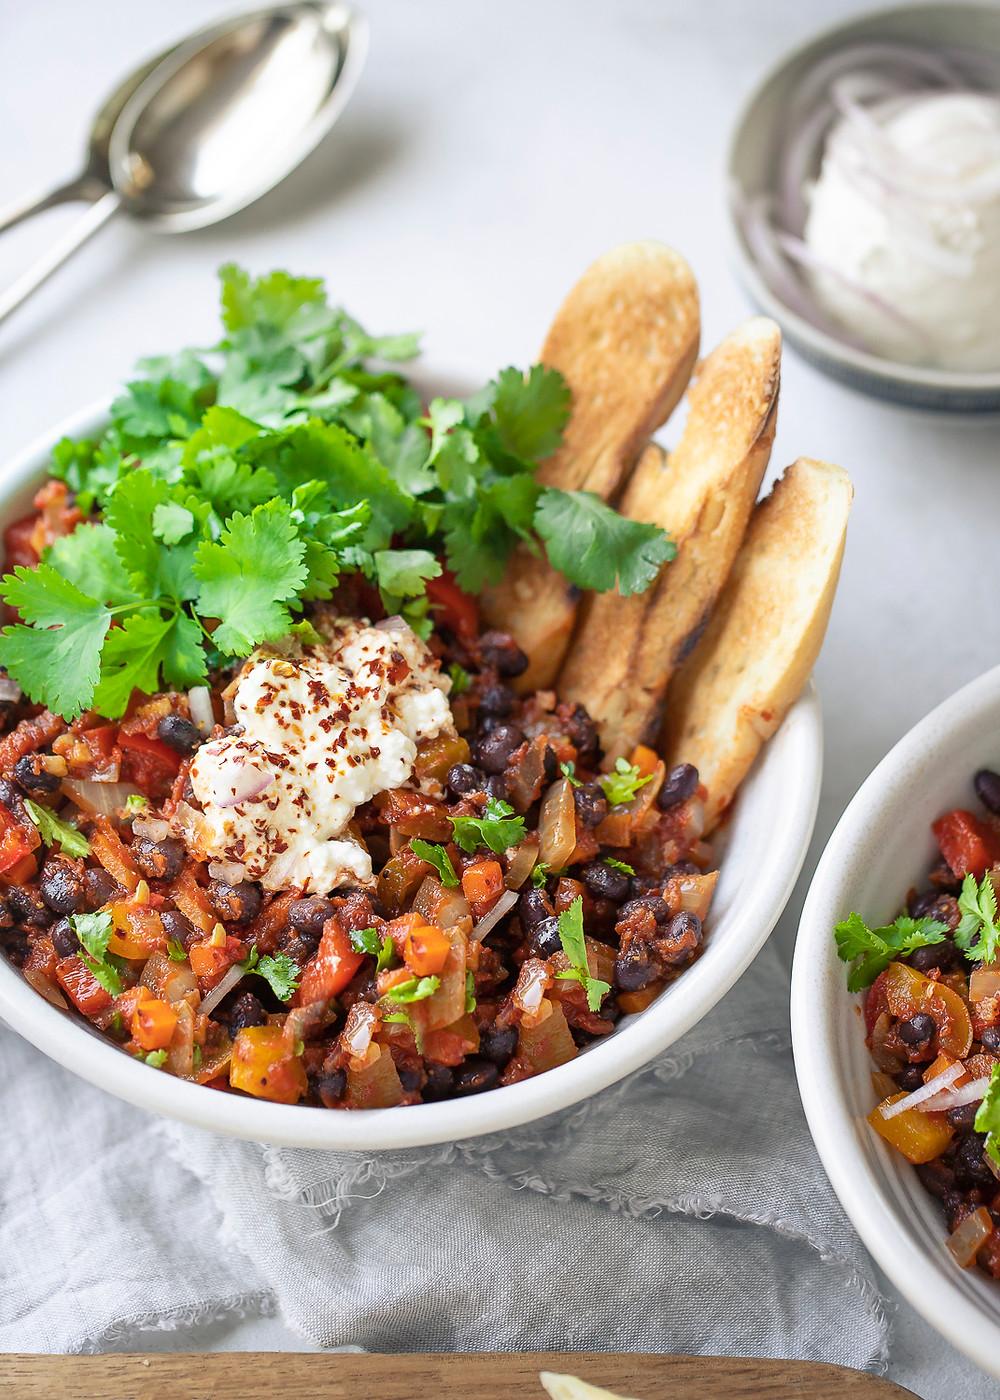 Spicy Black Bean Stew